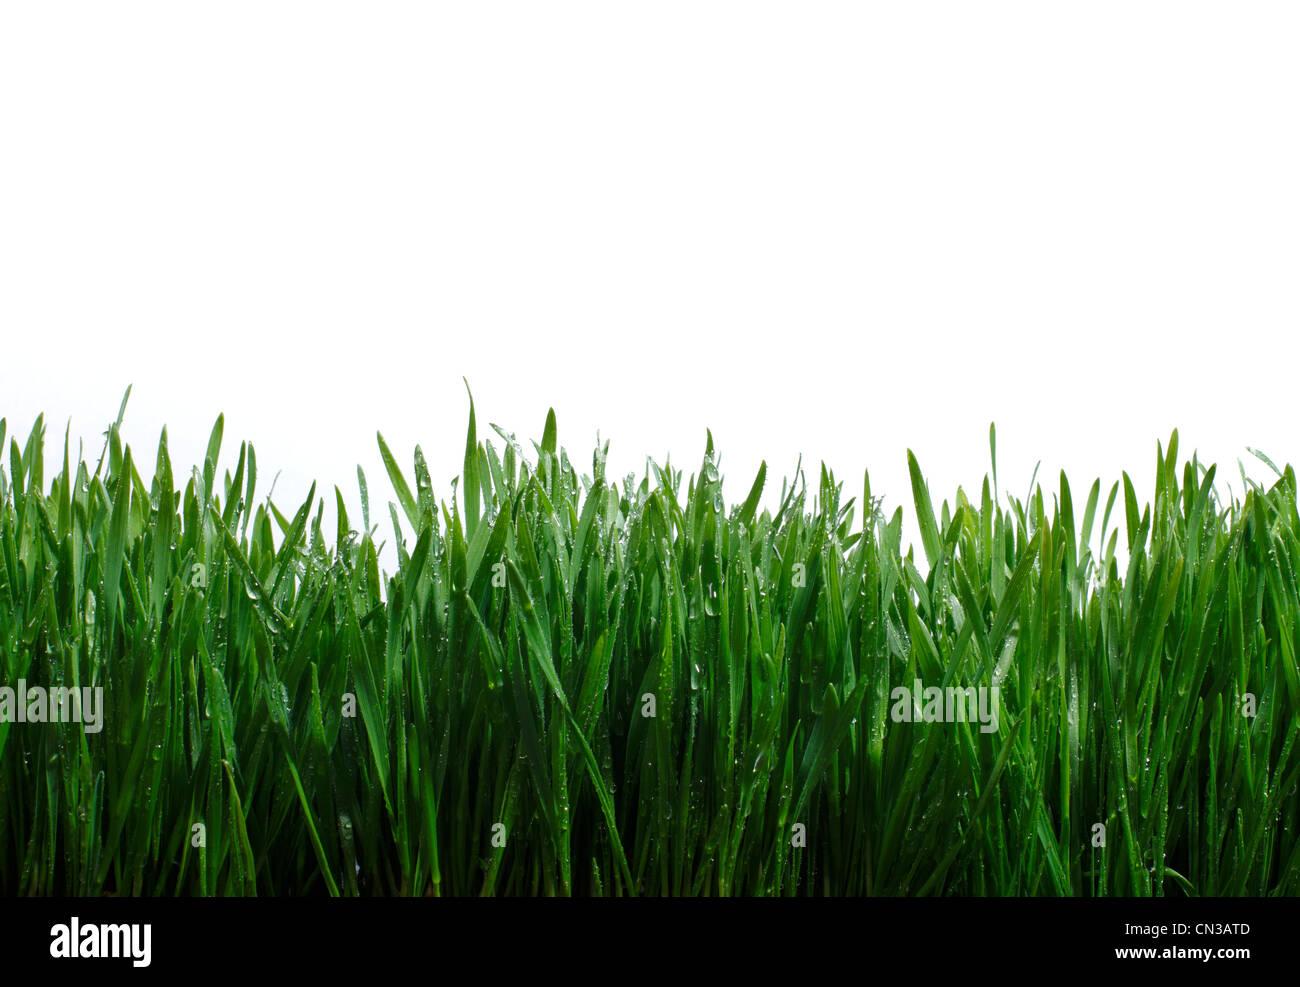 Fili di erba contro uno sfondo bianco Foto Stock